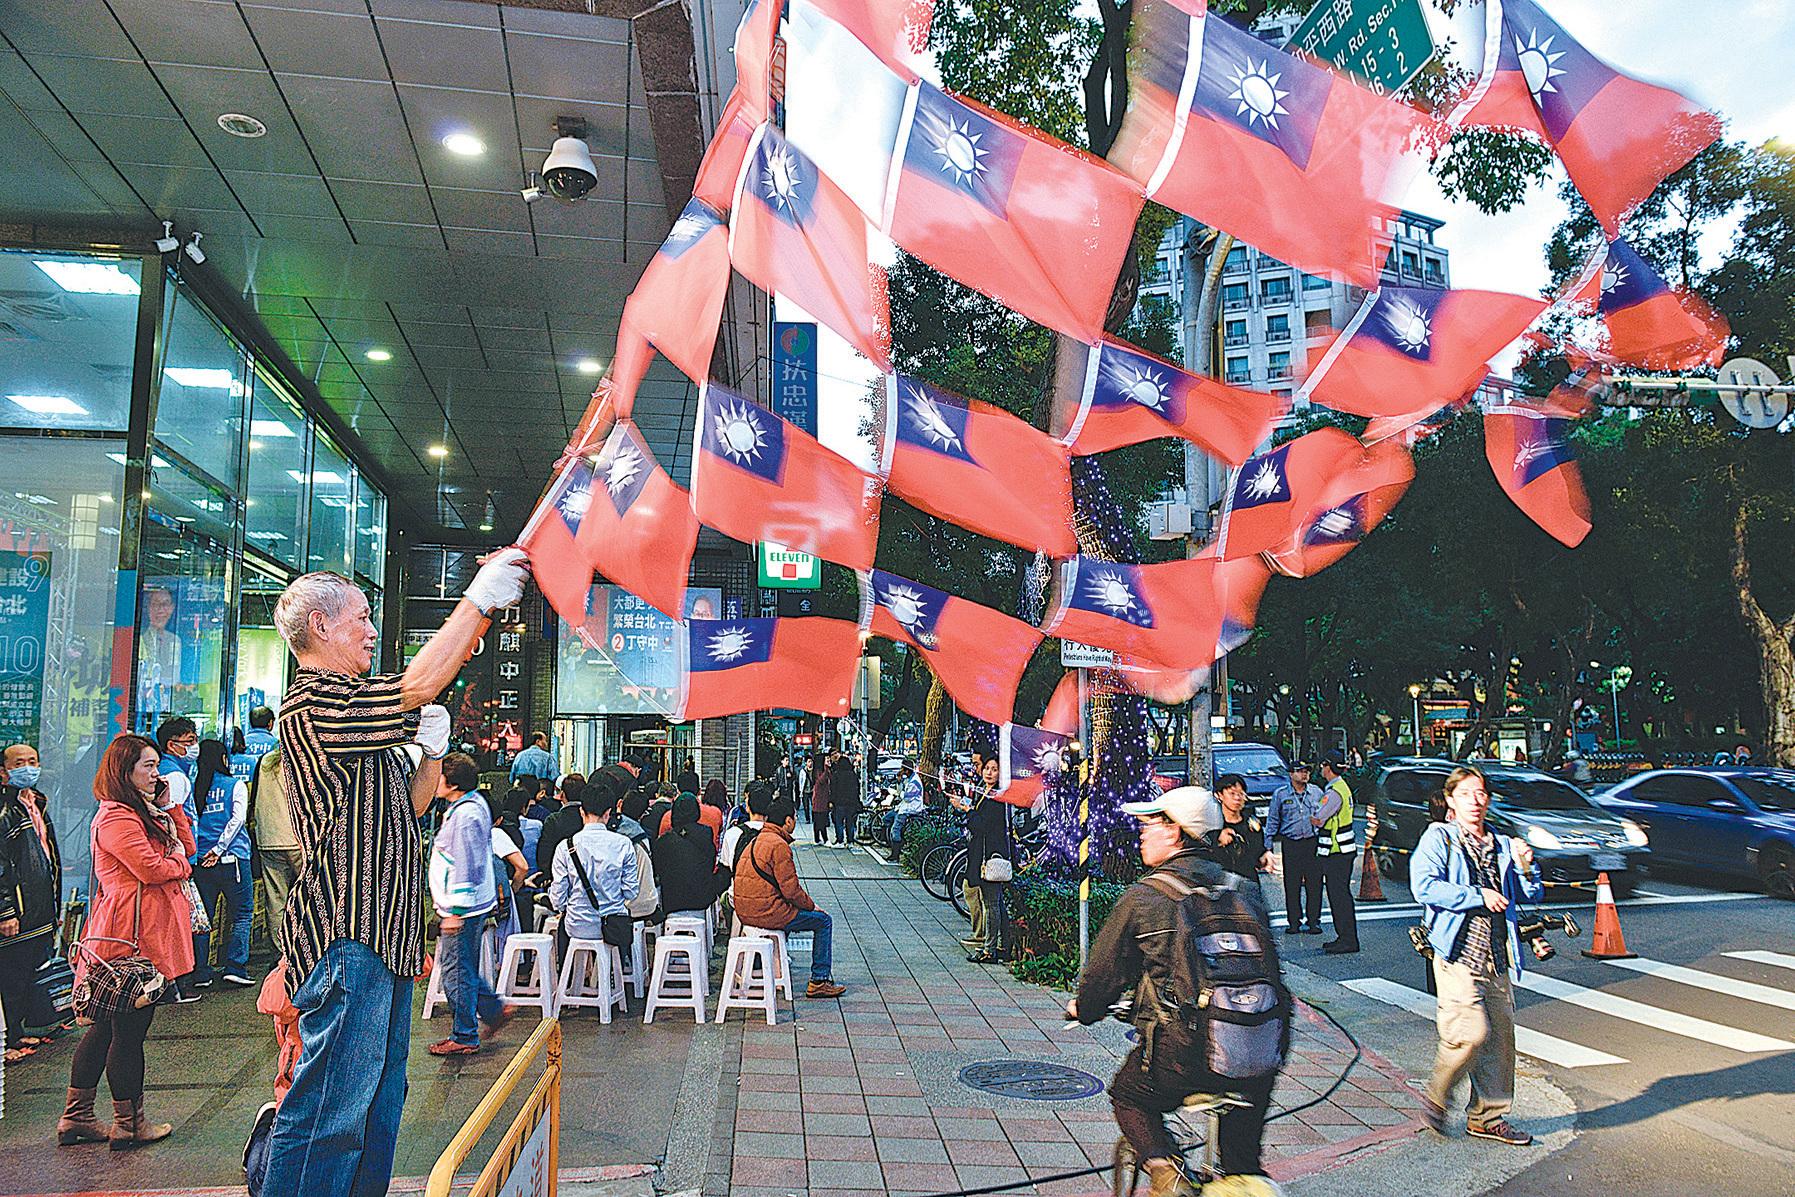 第15屆中華民國總統選舉將在明年1月11日登場,不過,越靠近投票日,越可能出現一些選舉「暗招」來試圖擾亂選情、干預選舉結果。(Getty Image)